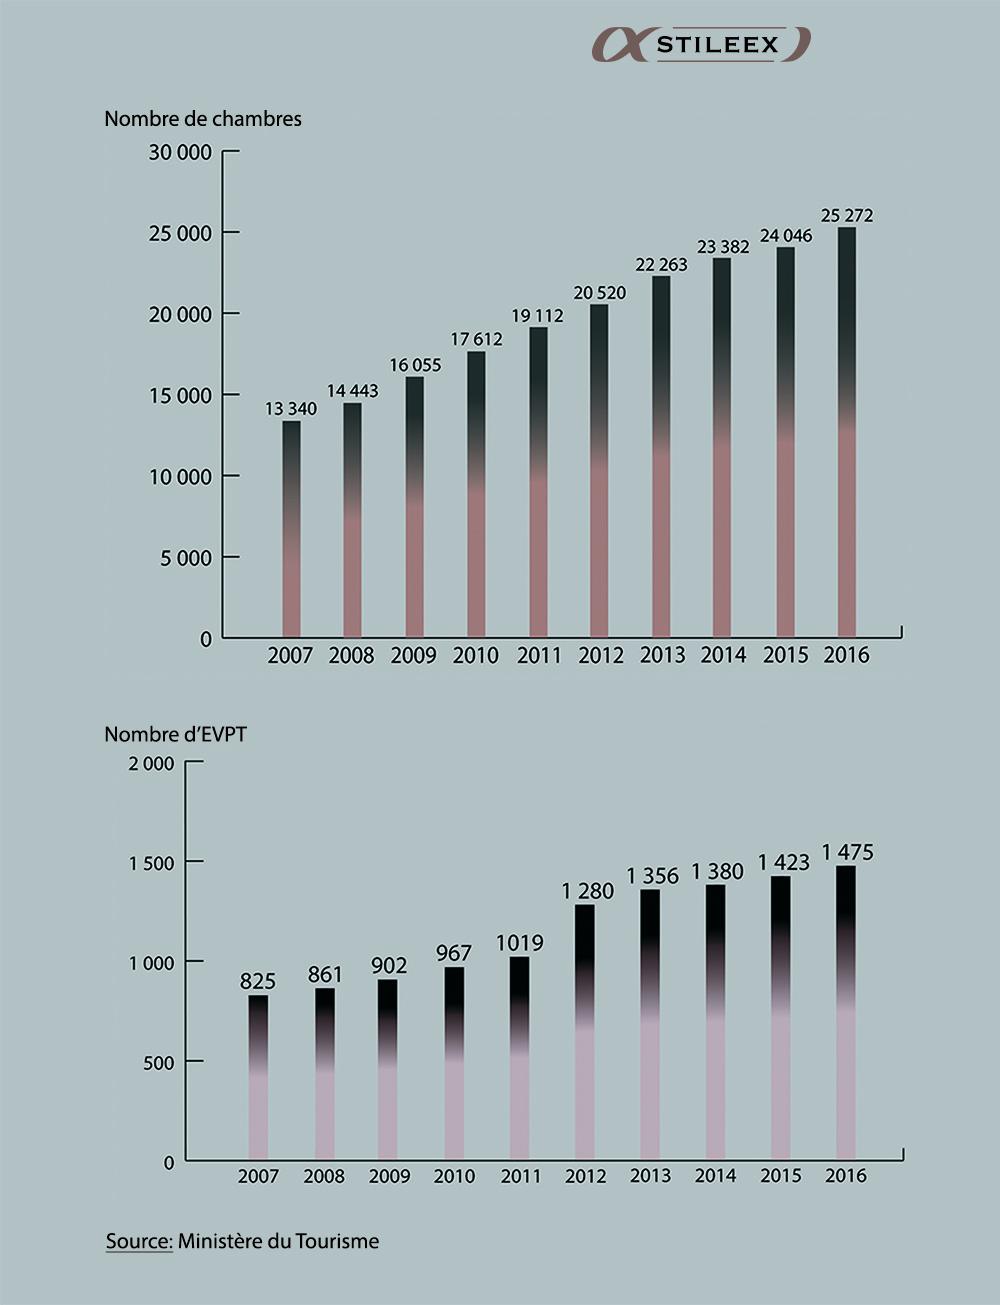 Une augmentation timide mais constante du nombre de chambres et d'EVPT à Madagascsar